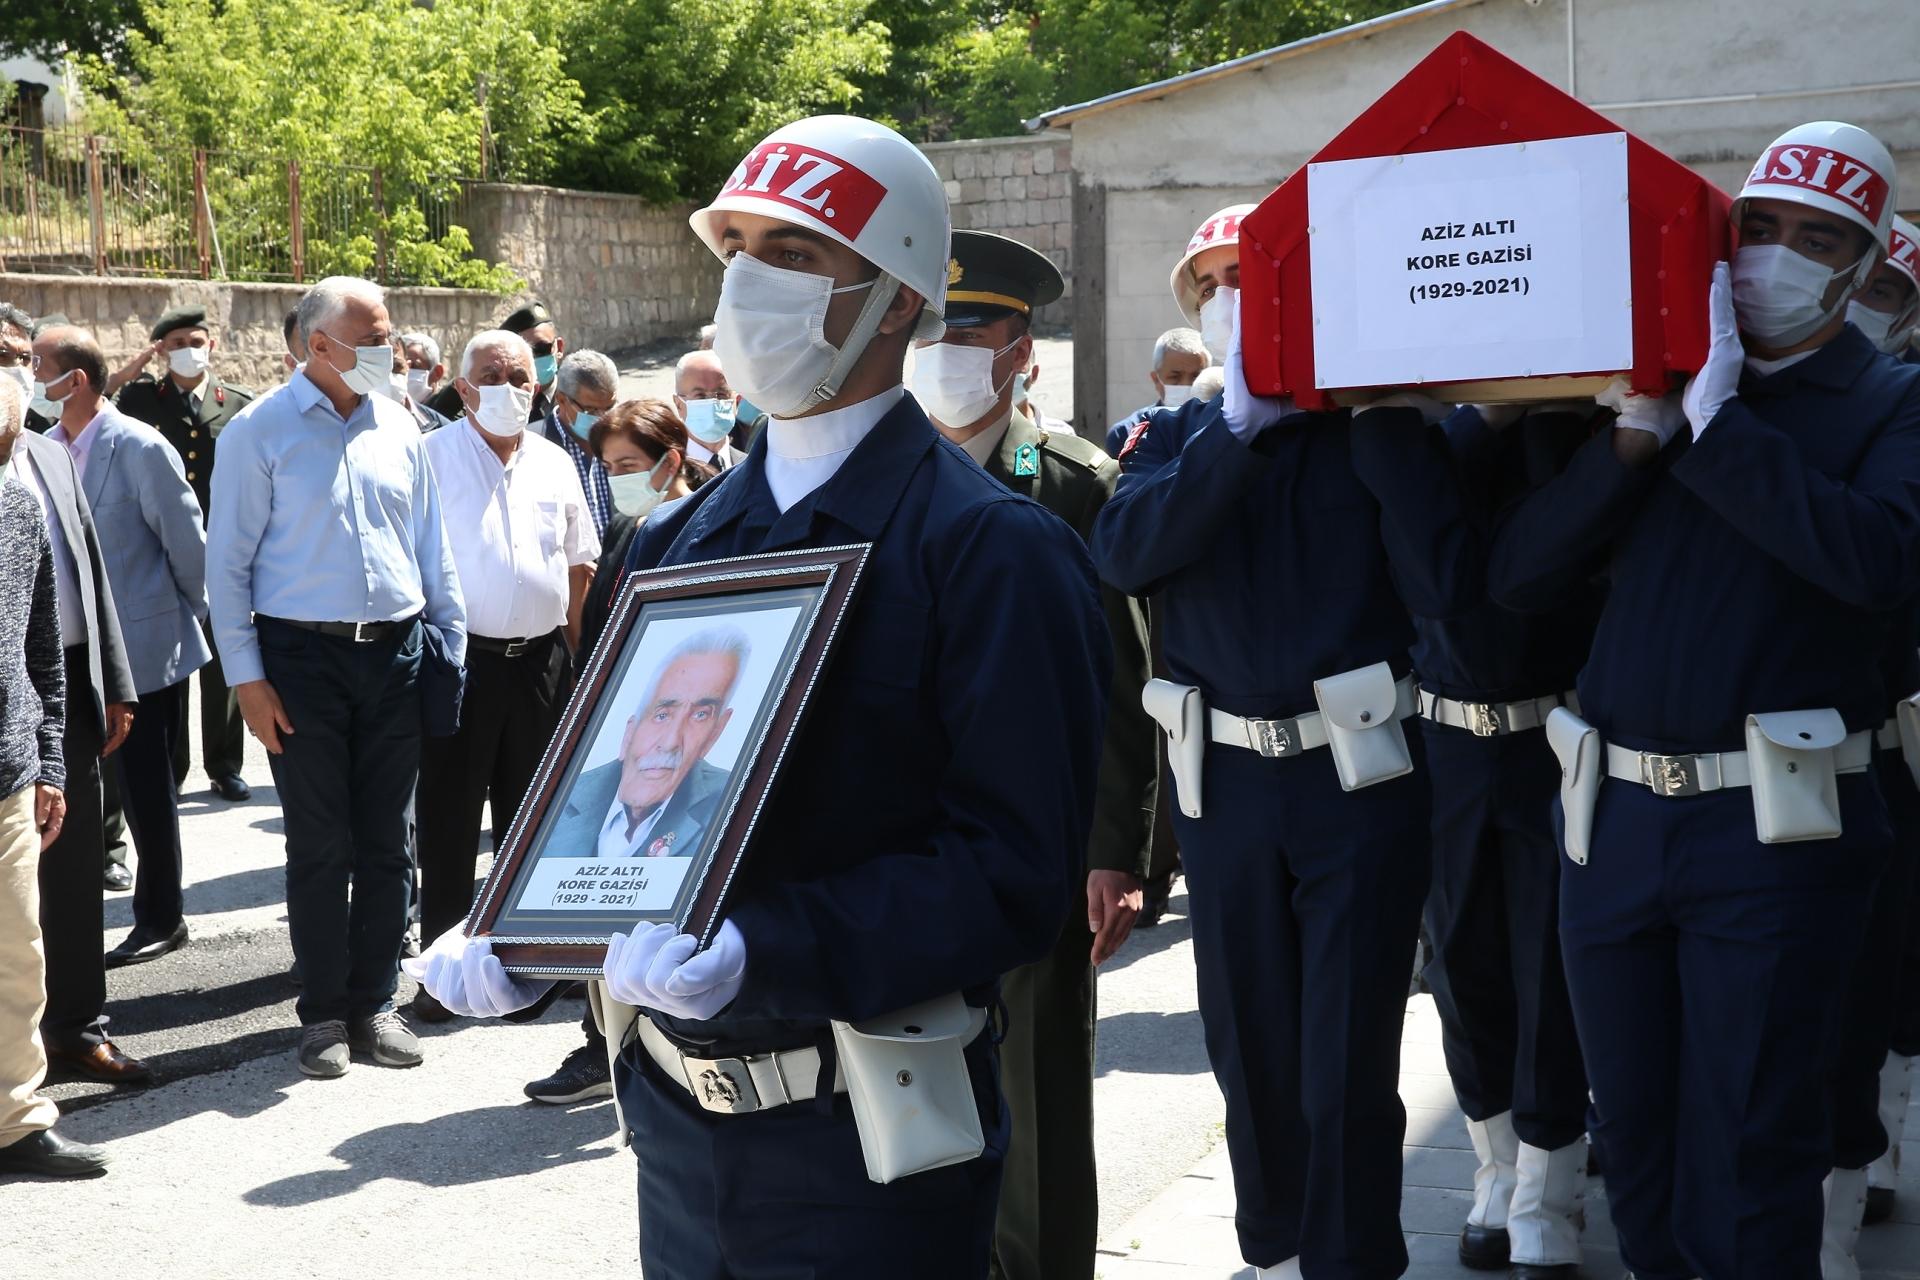 Başkan Büyükkılıç'tan Kore Gazisi'ne Son Görev